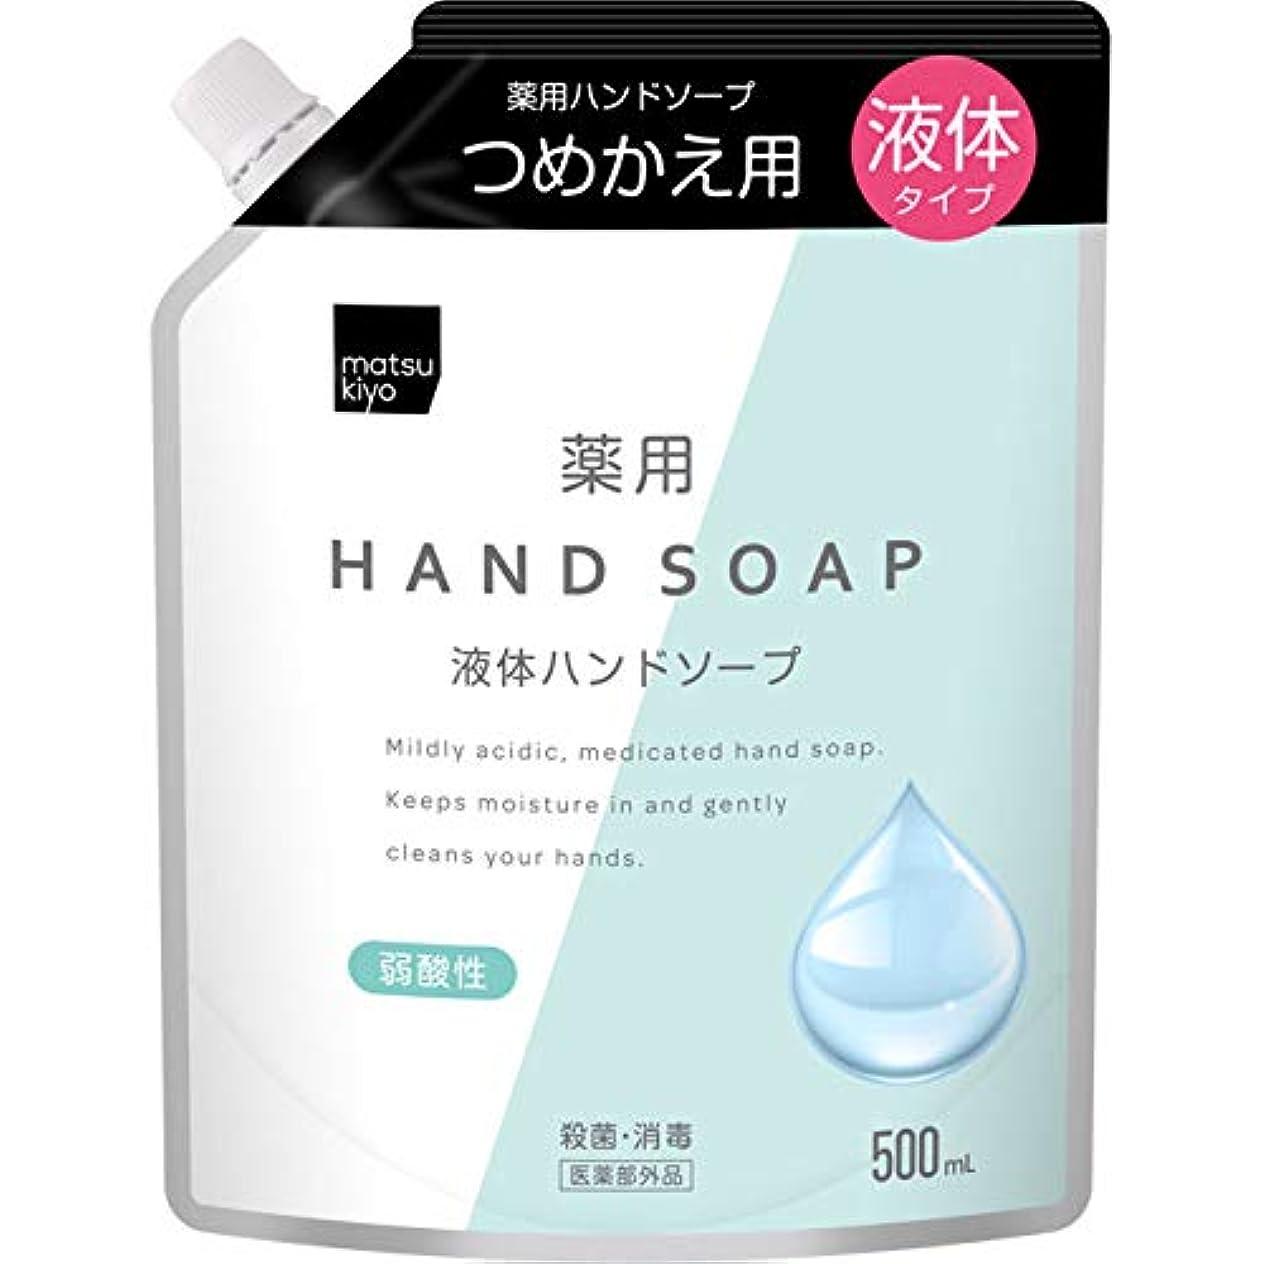 反対した不和ライドmatsukiyo 薬用液体ハンドソープ 詰替大型 500ml 500ml詰替 (医薬部外品)